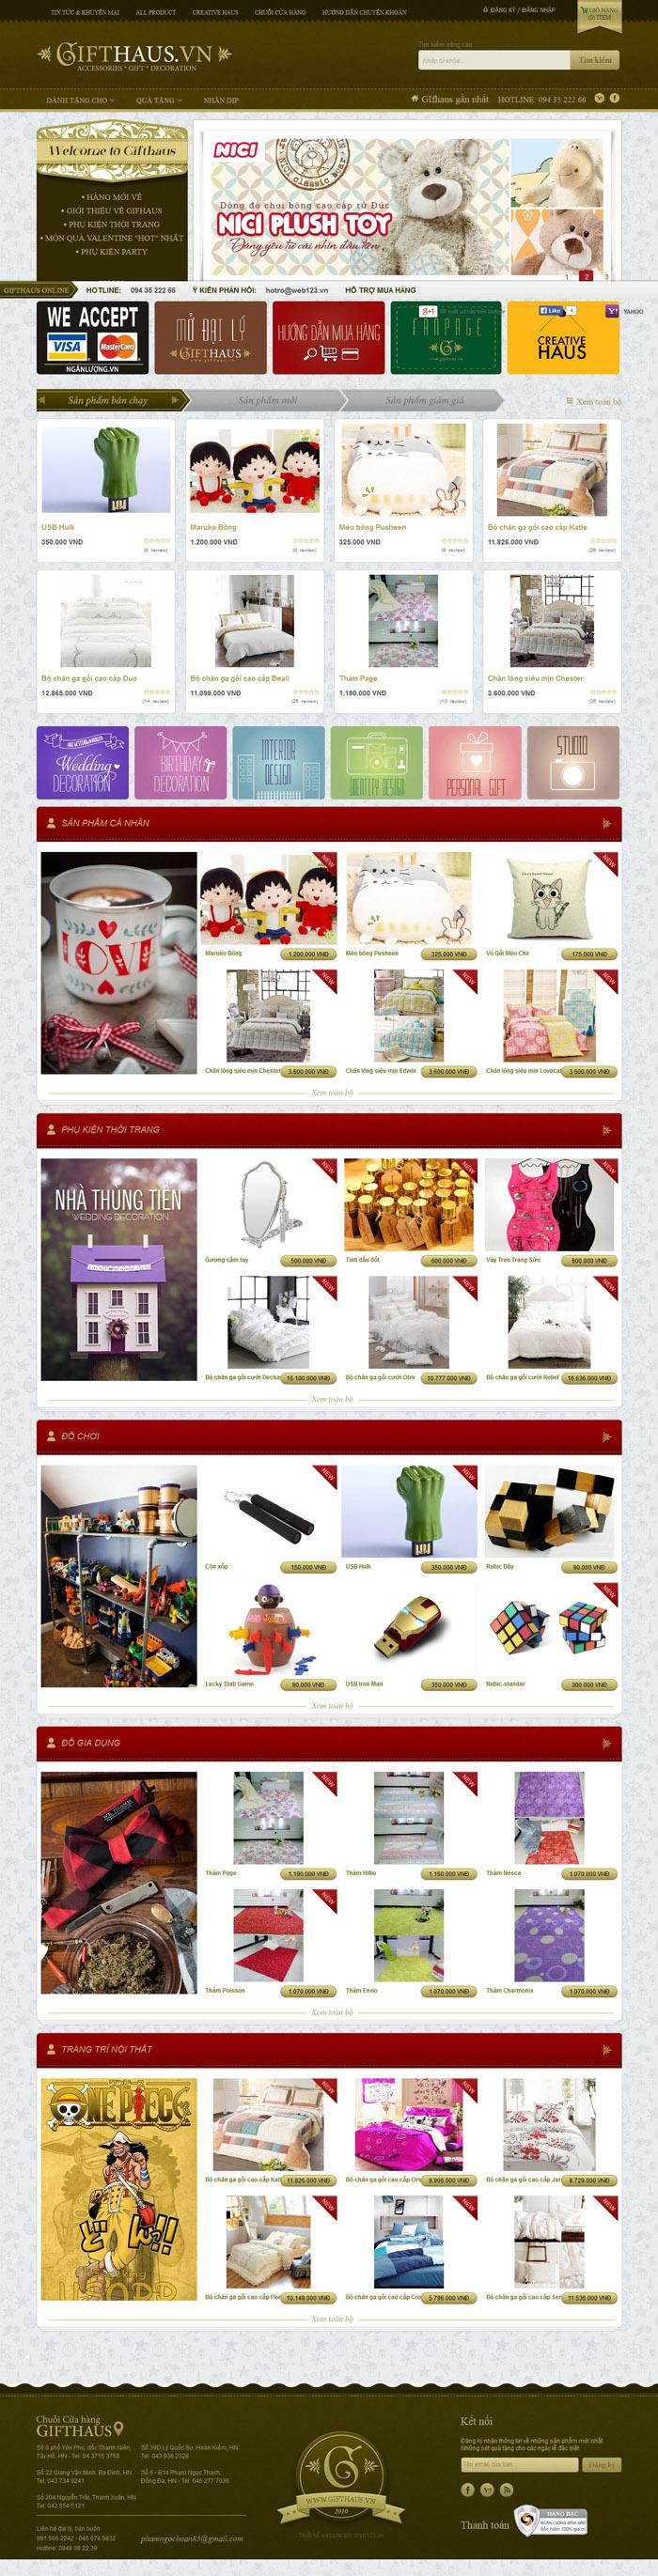 Thiết kế website bán đồ lưu niệm, giao diện thật đáng yêu